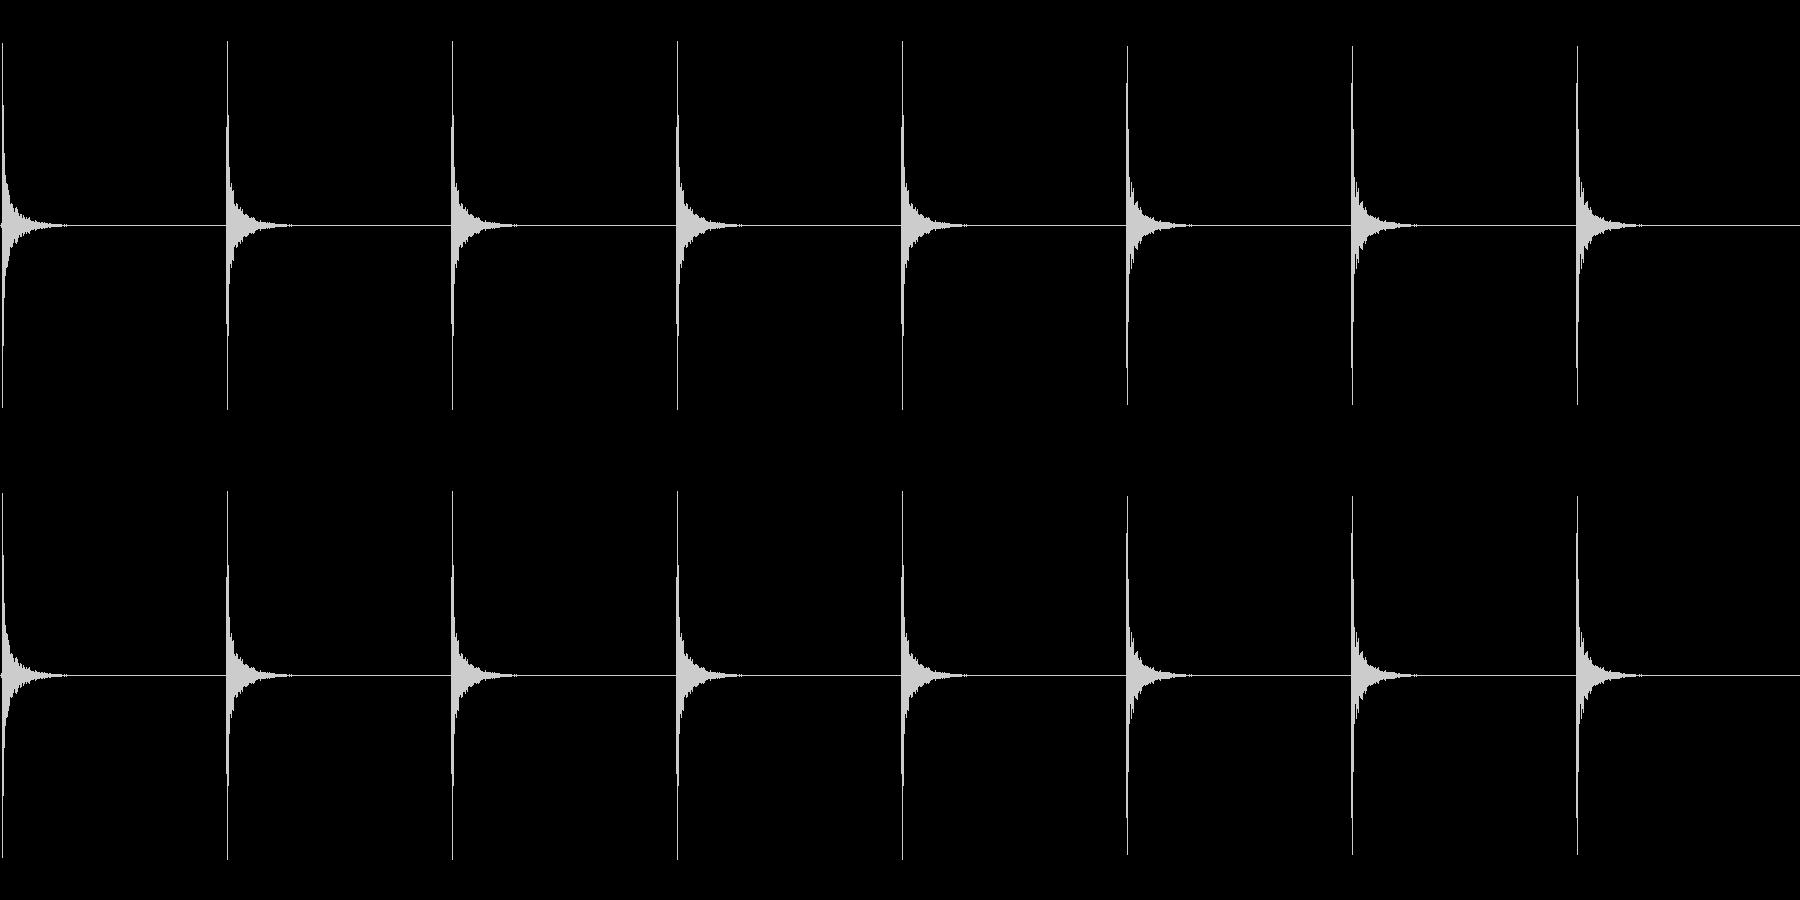 ドラムスティック/シンキングタイムその3の未再生の波形